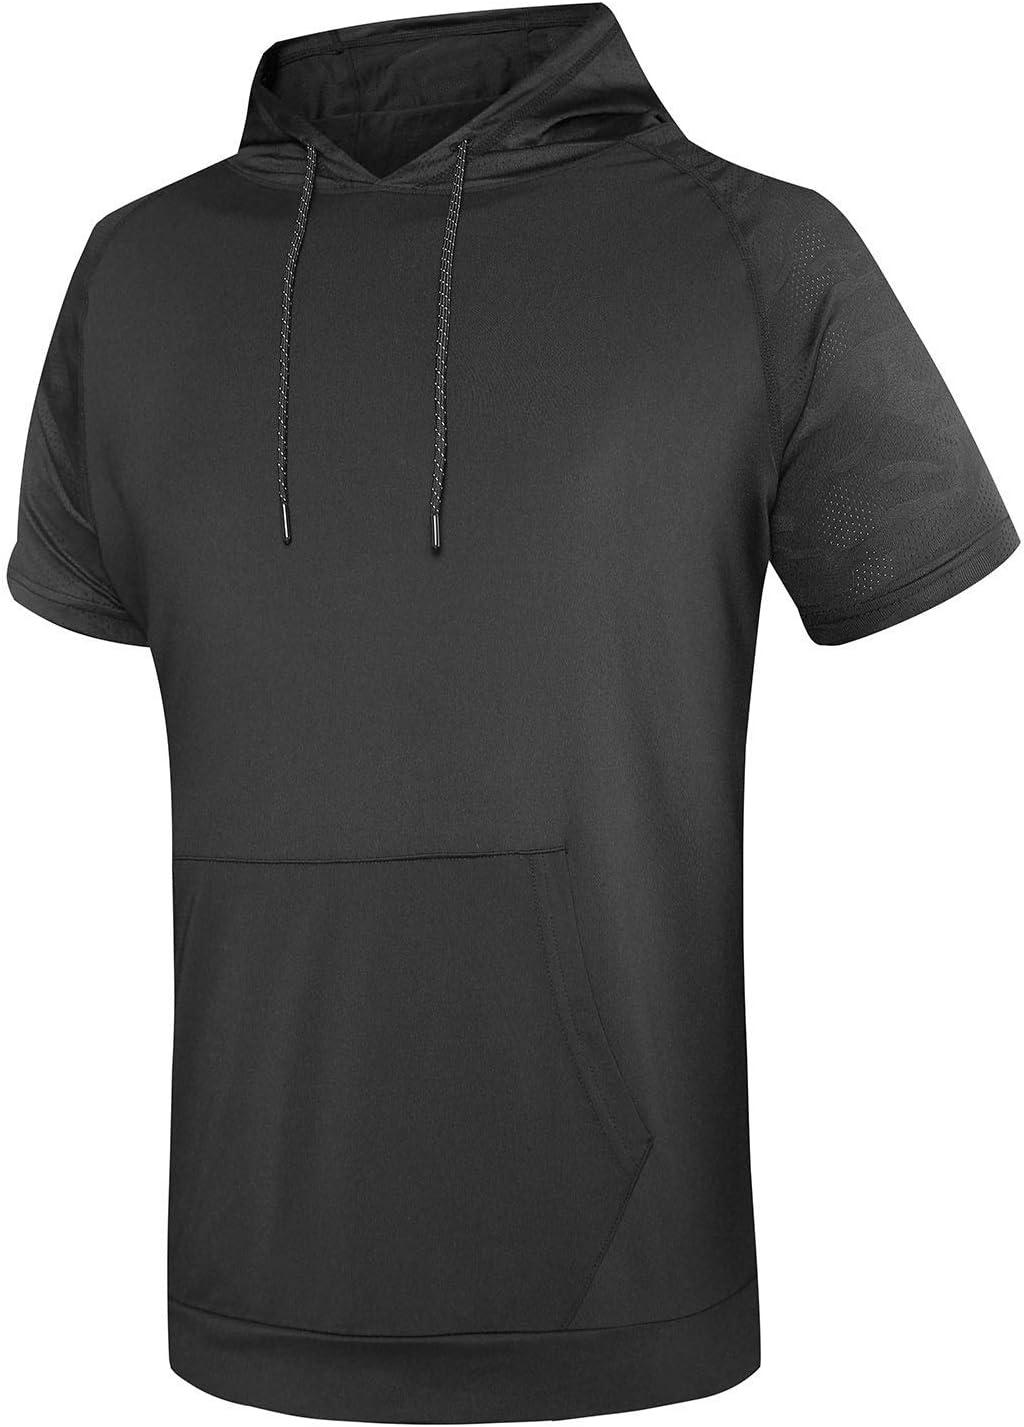 WHCREAT T-Shirt Sportiva da Uomo Manica Corta Allenamento Asciugatura Veloce Felpa con Cappuccio